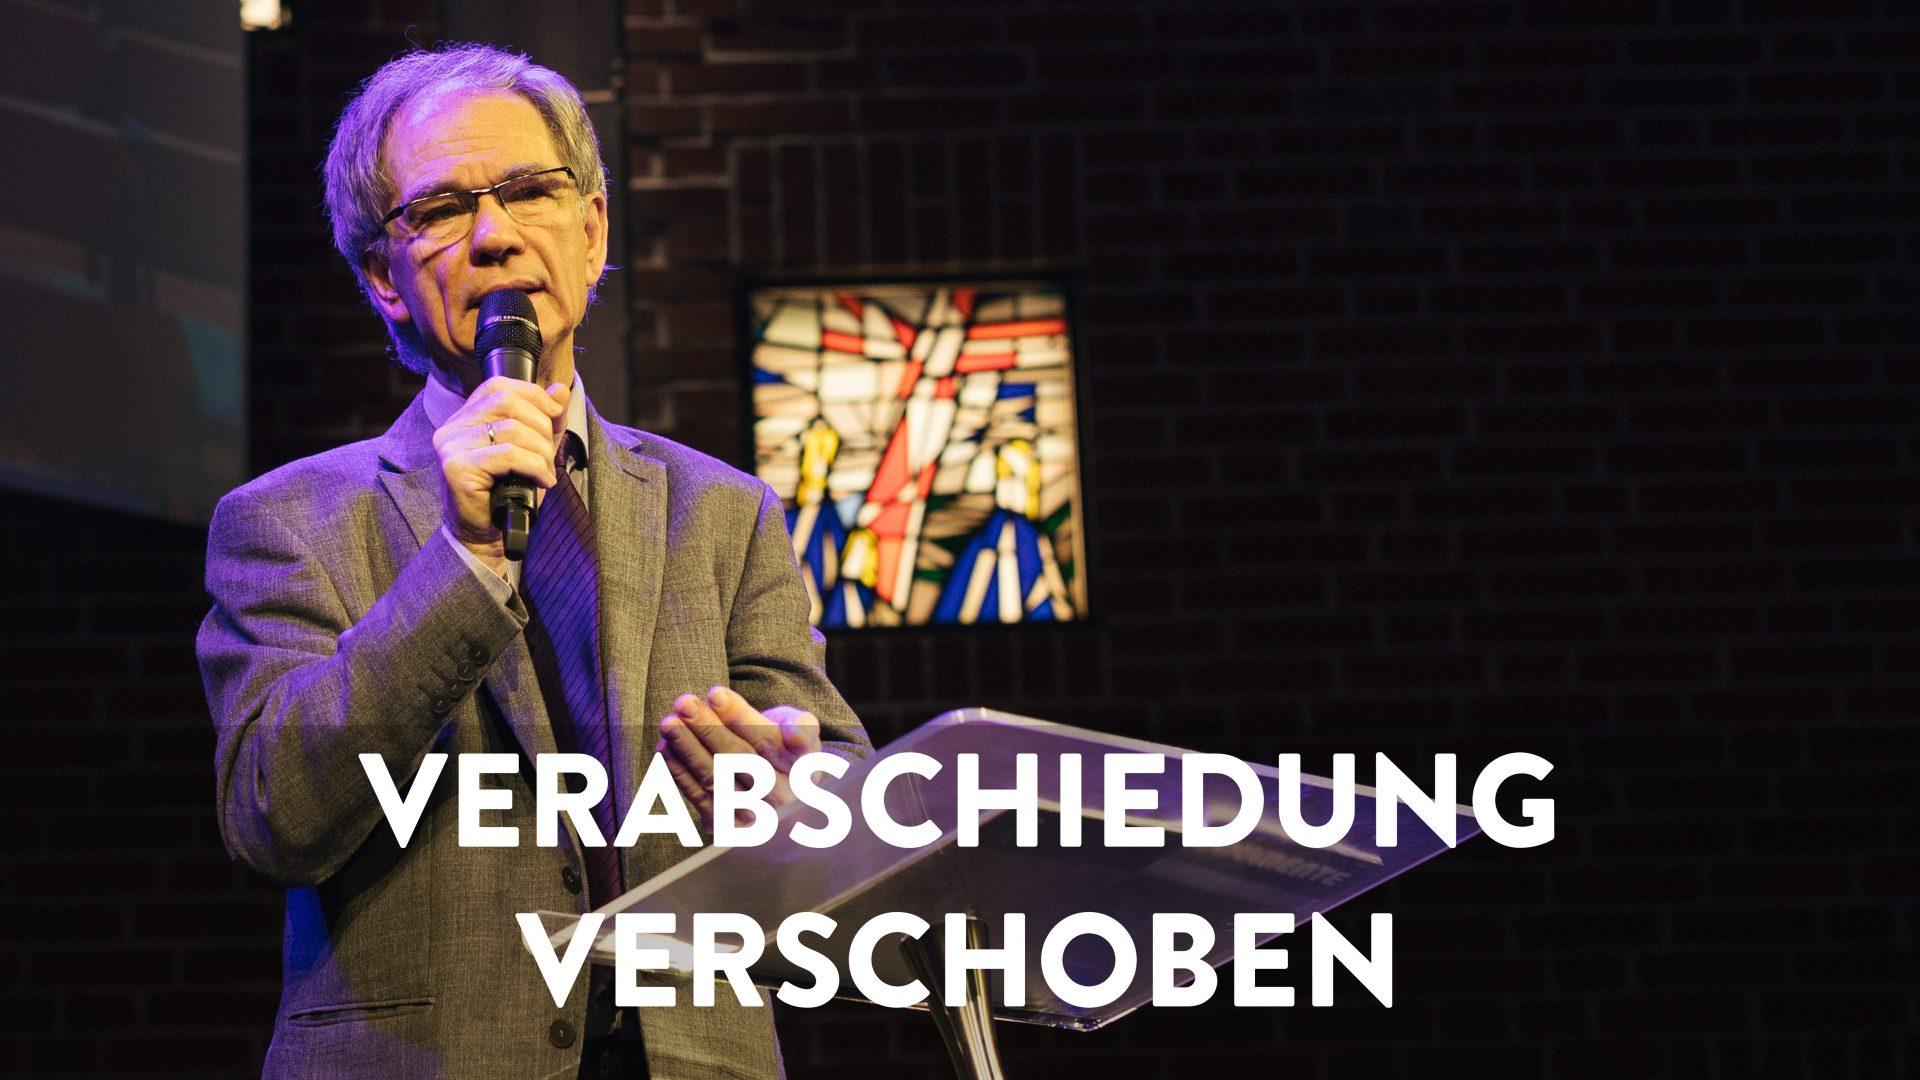 Verabschiedung; Lothar Bublitz, Matthäus-Gemeinde; Huchting